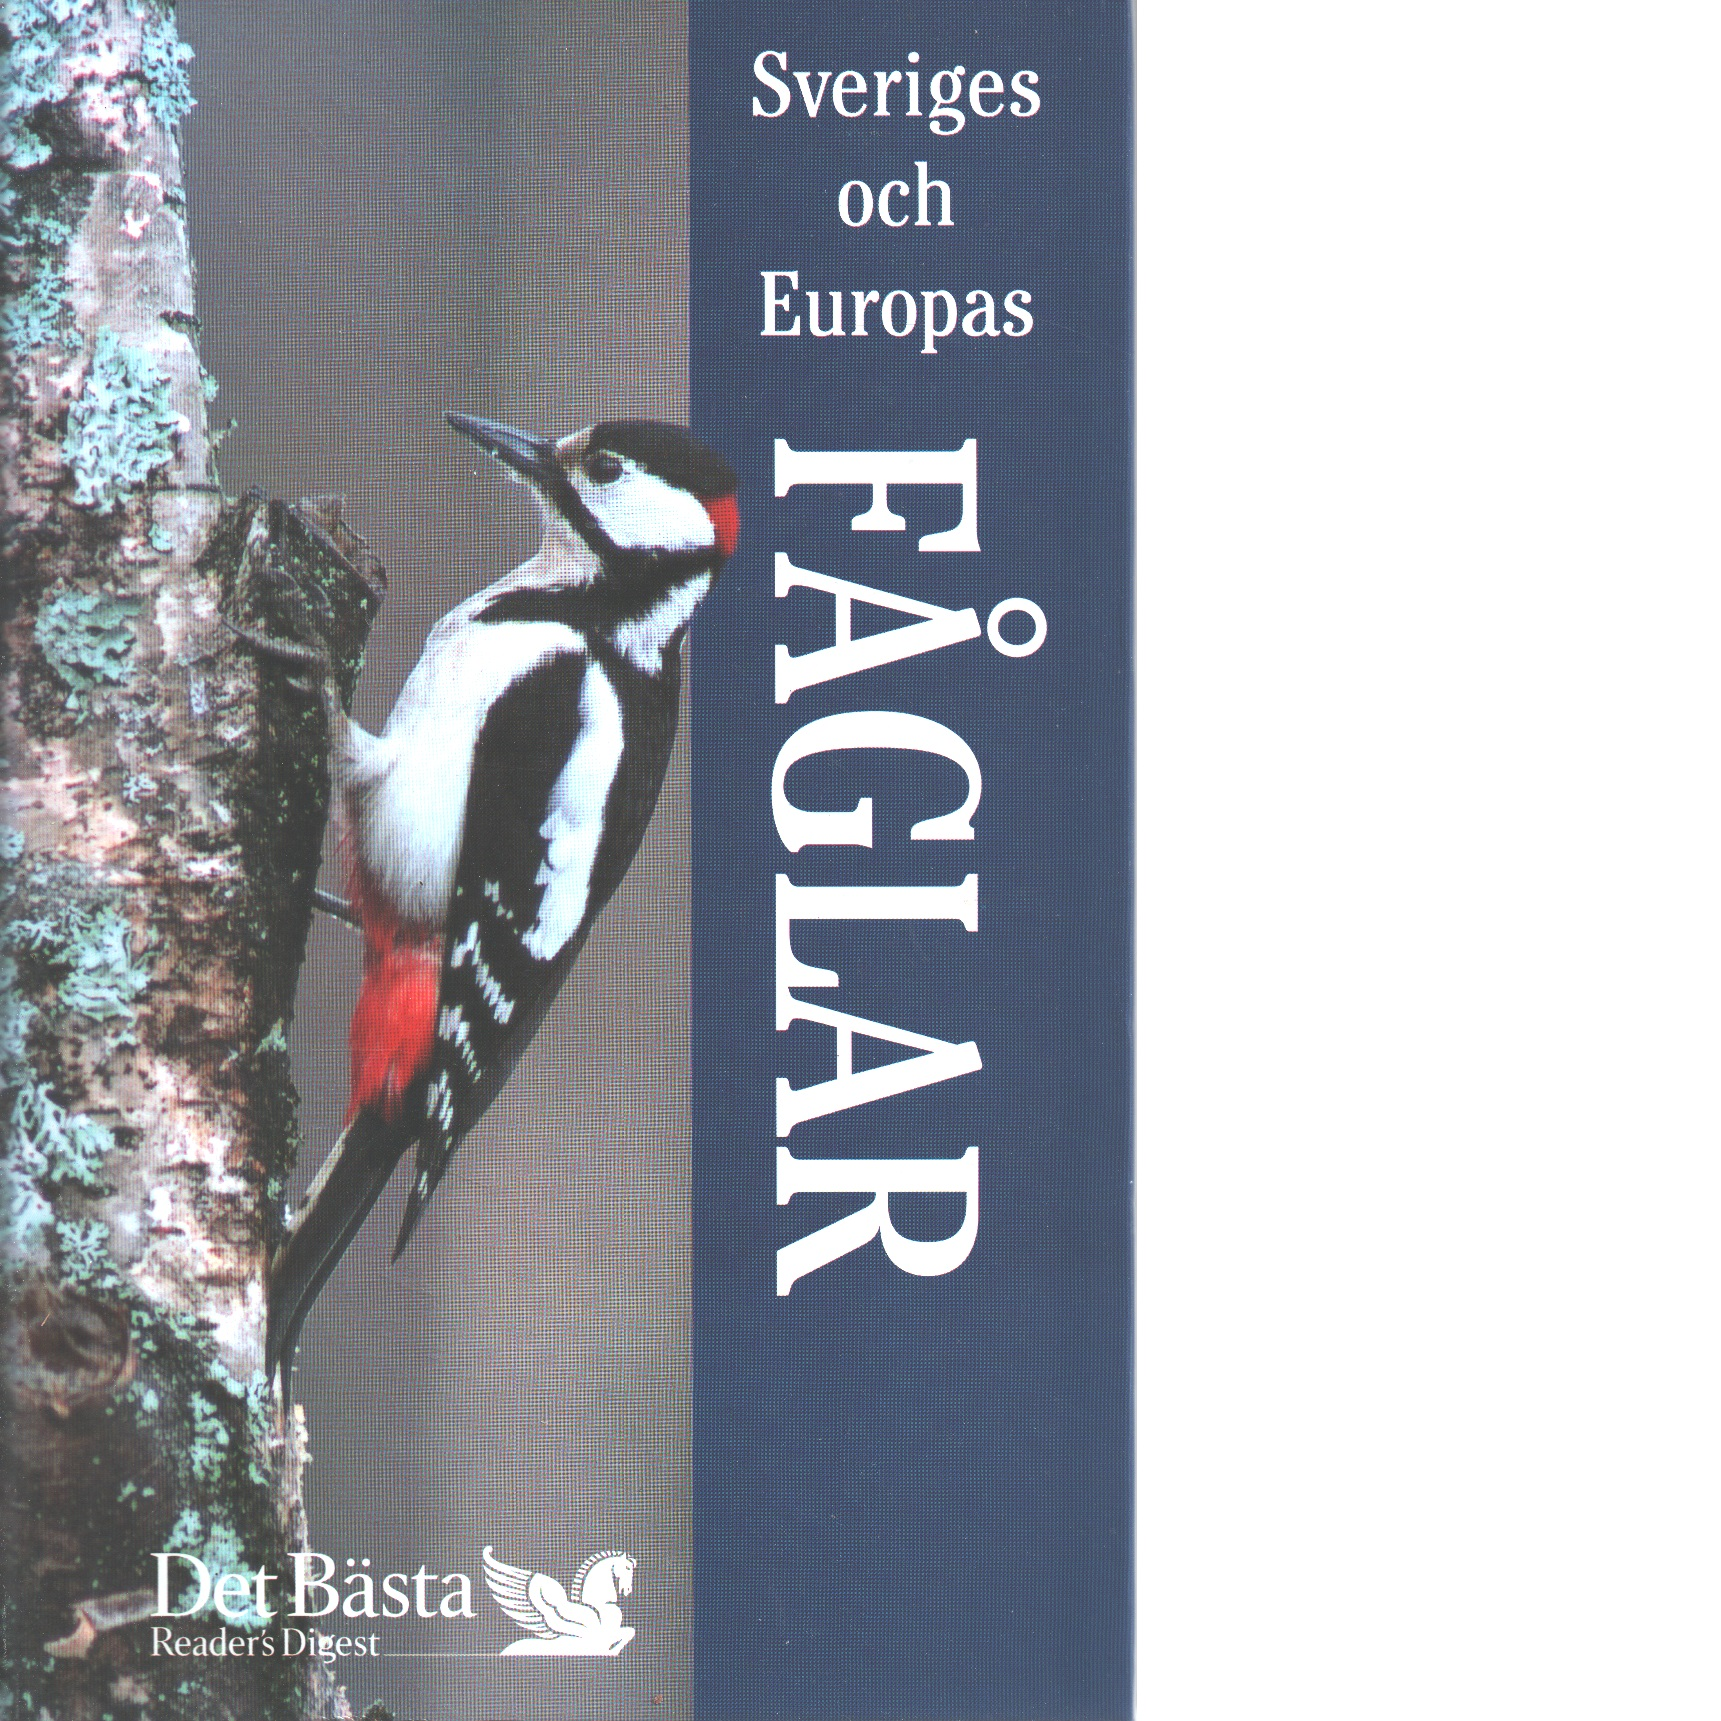 Sveriges och Europas fåglar - Jarmo Kukka, och Staffan Ulfstrand